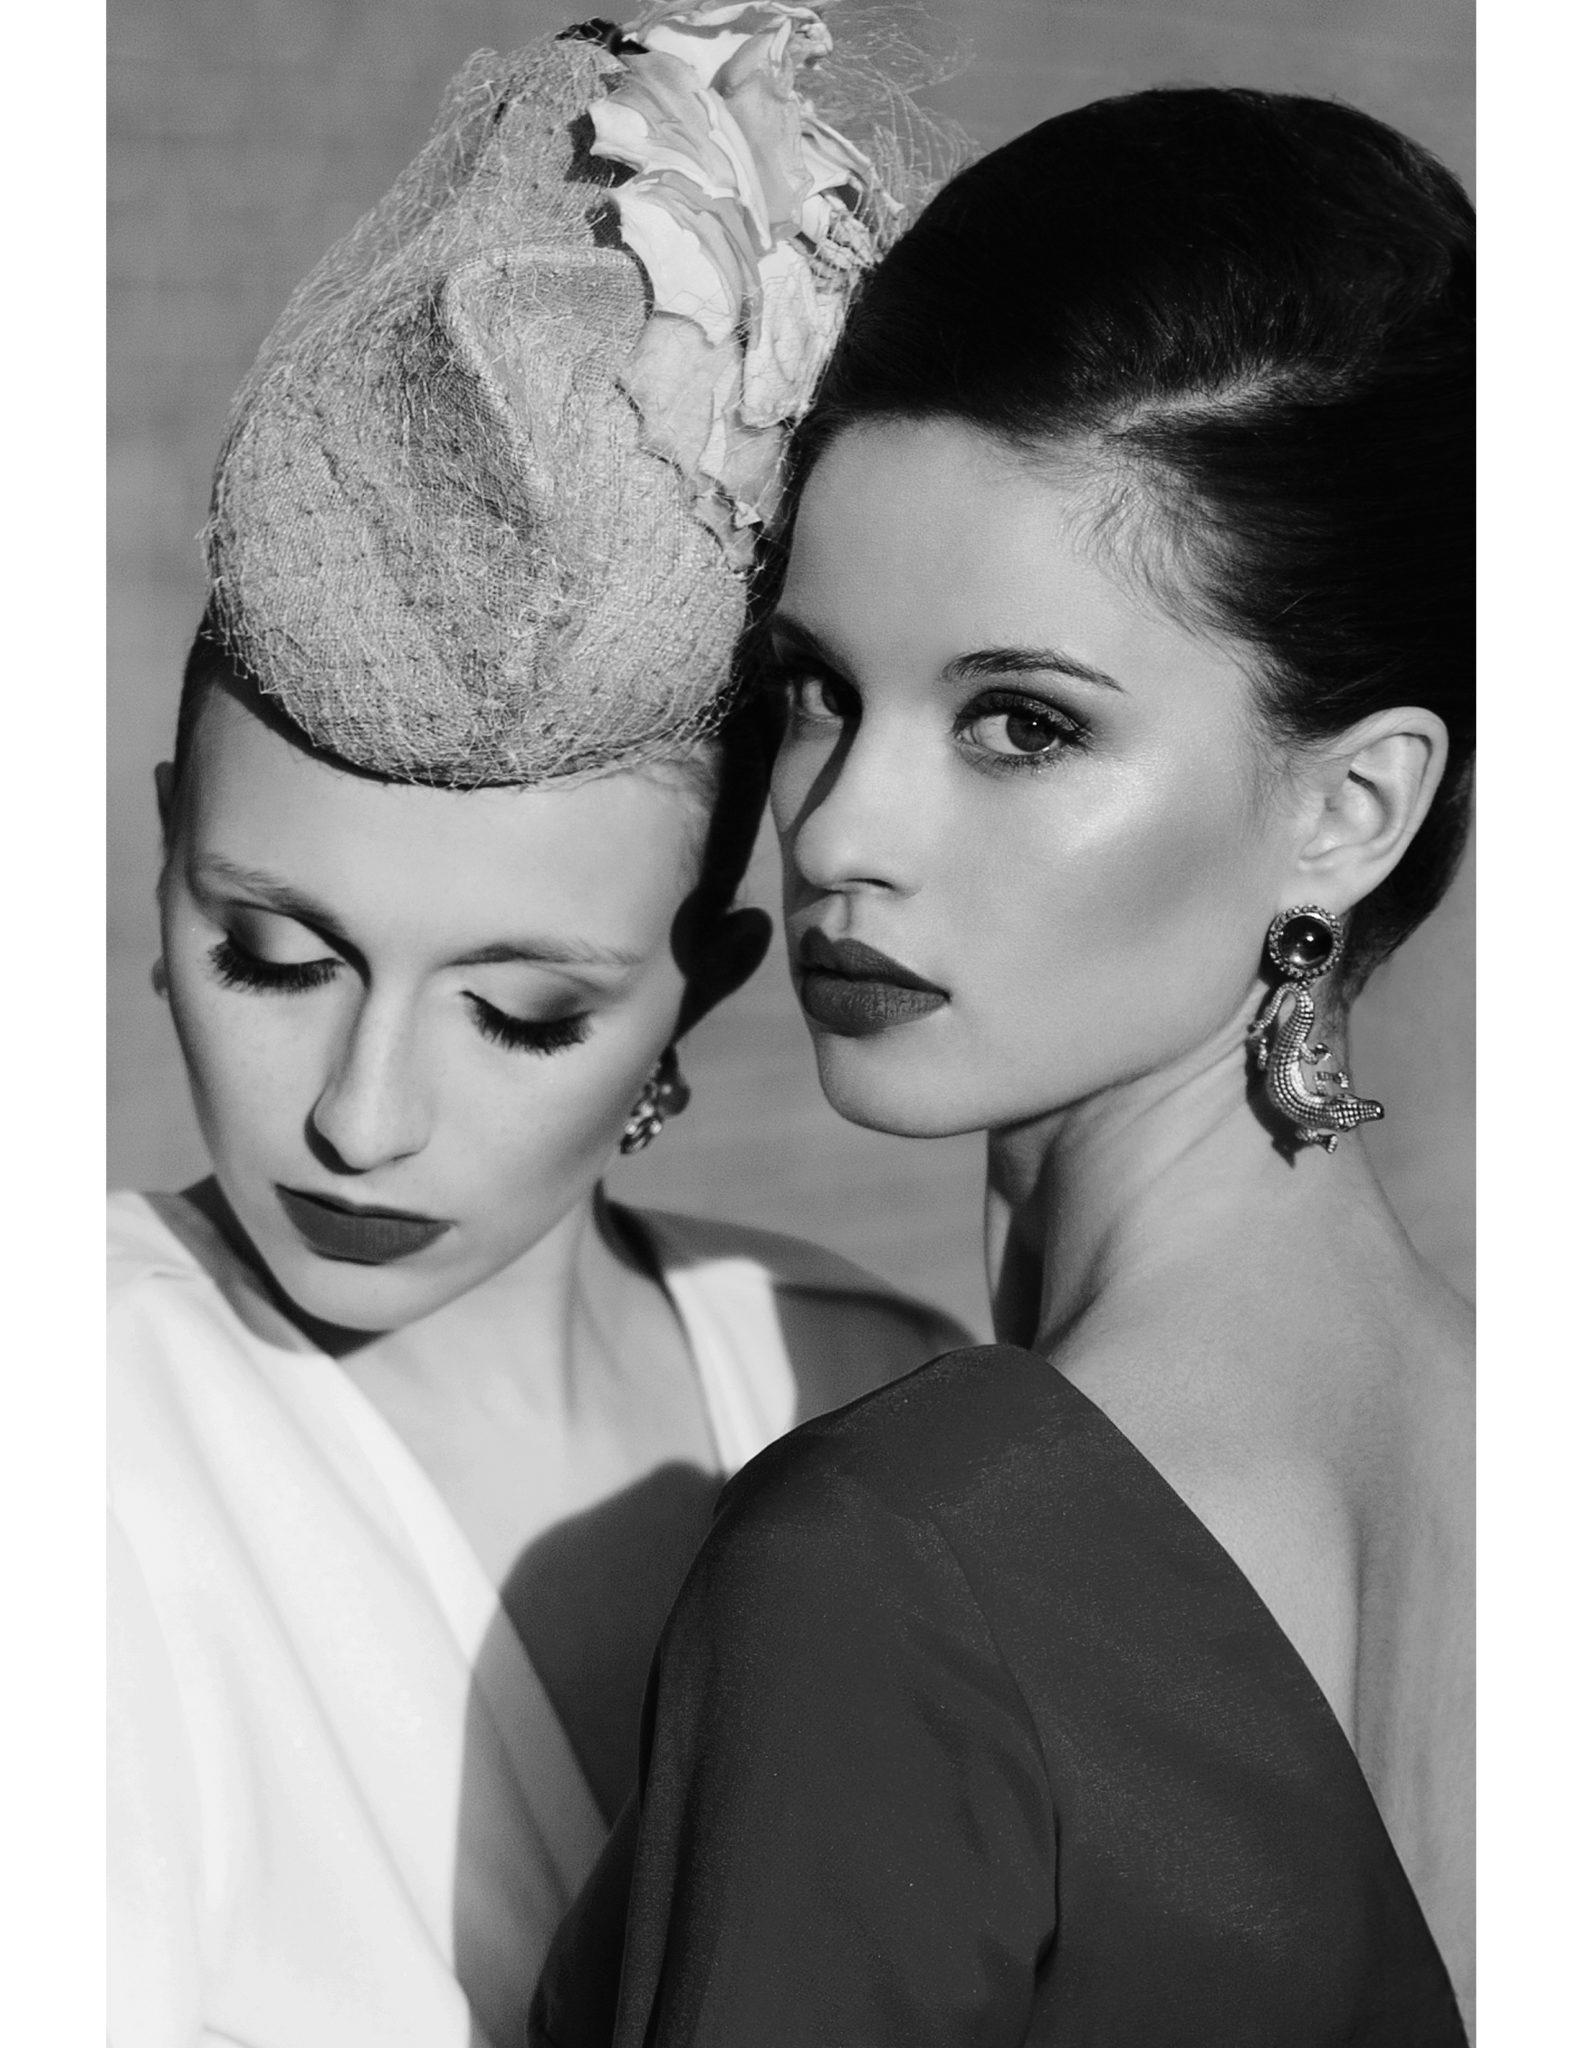 fot.: Edyta Bartkiewicz, stylista: Dorota Frydecka, hair: Patryk Nadolny, make-up: Anna Borek, modelki: Sandra i Kasia G. z Neva Models